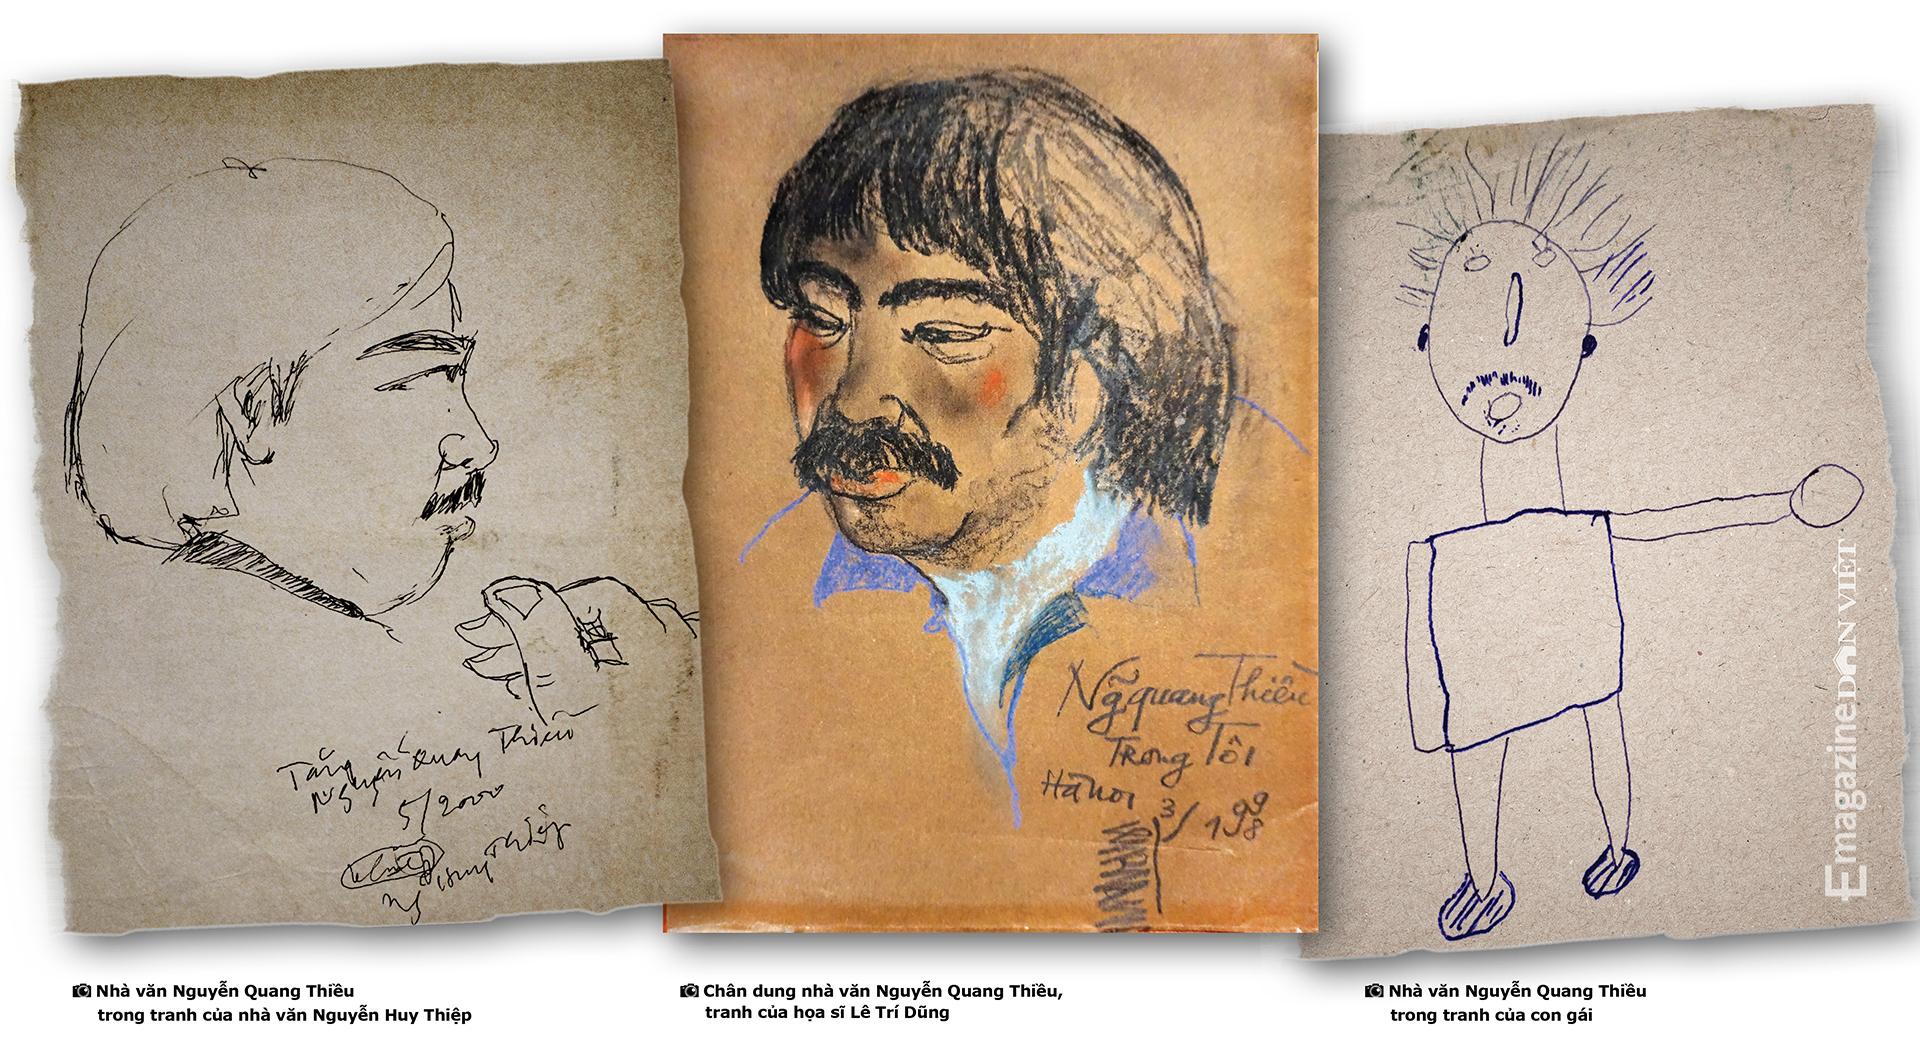 Nhà văn Nguyễn Quang Thiều: Sự đập cánh của đôi cánh tự do khác đôi chân của kẻ tuỳ tiện - Ảnh 24.